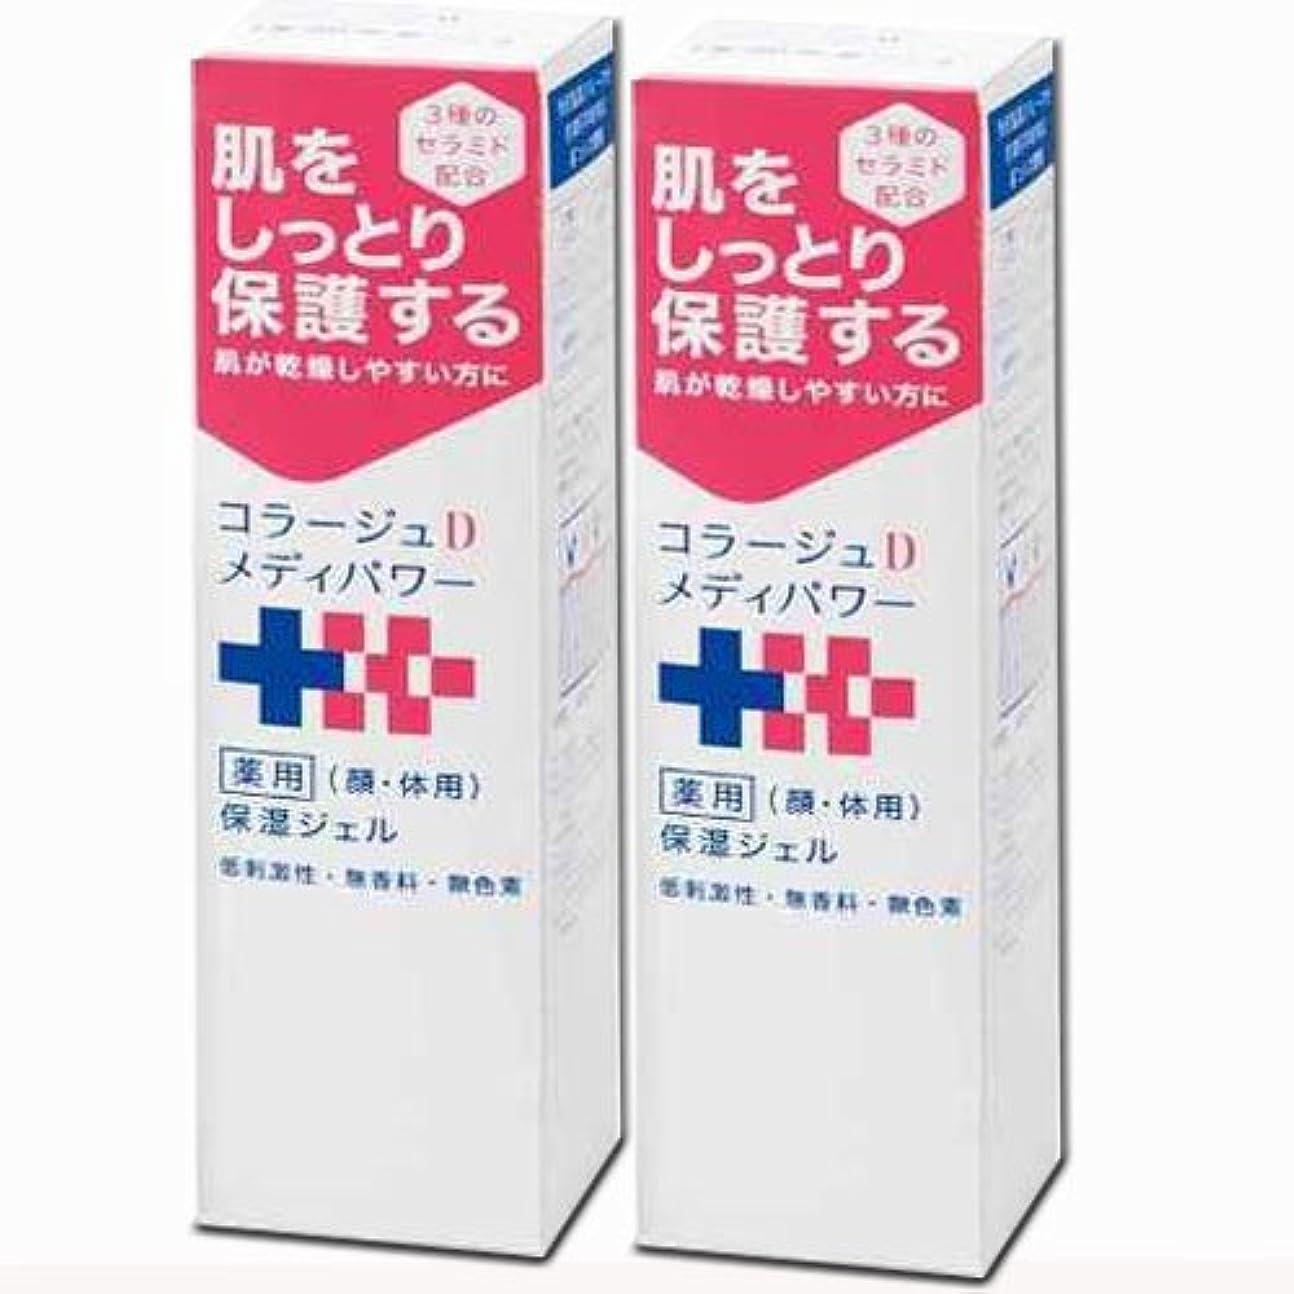 酸化物明日事業内容【2個】持田製薬コラージュDメディパワー保湿ジェル 150ml×2個 (4987767650012-2)